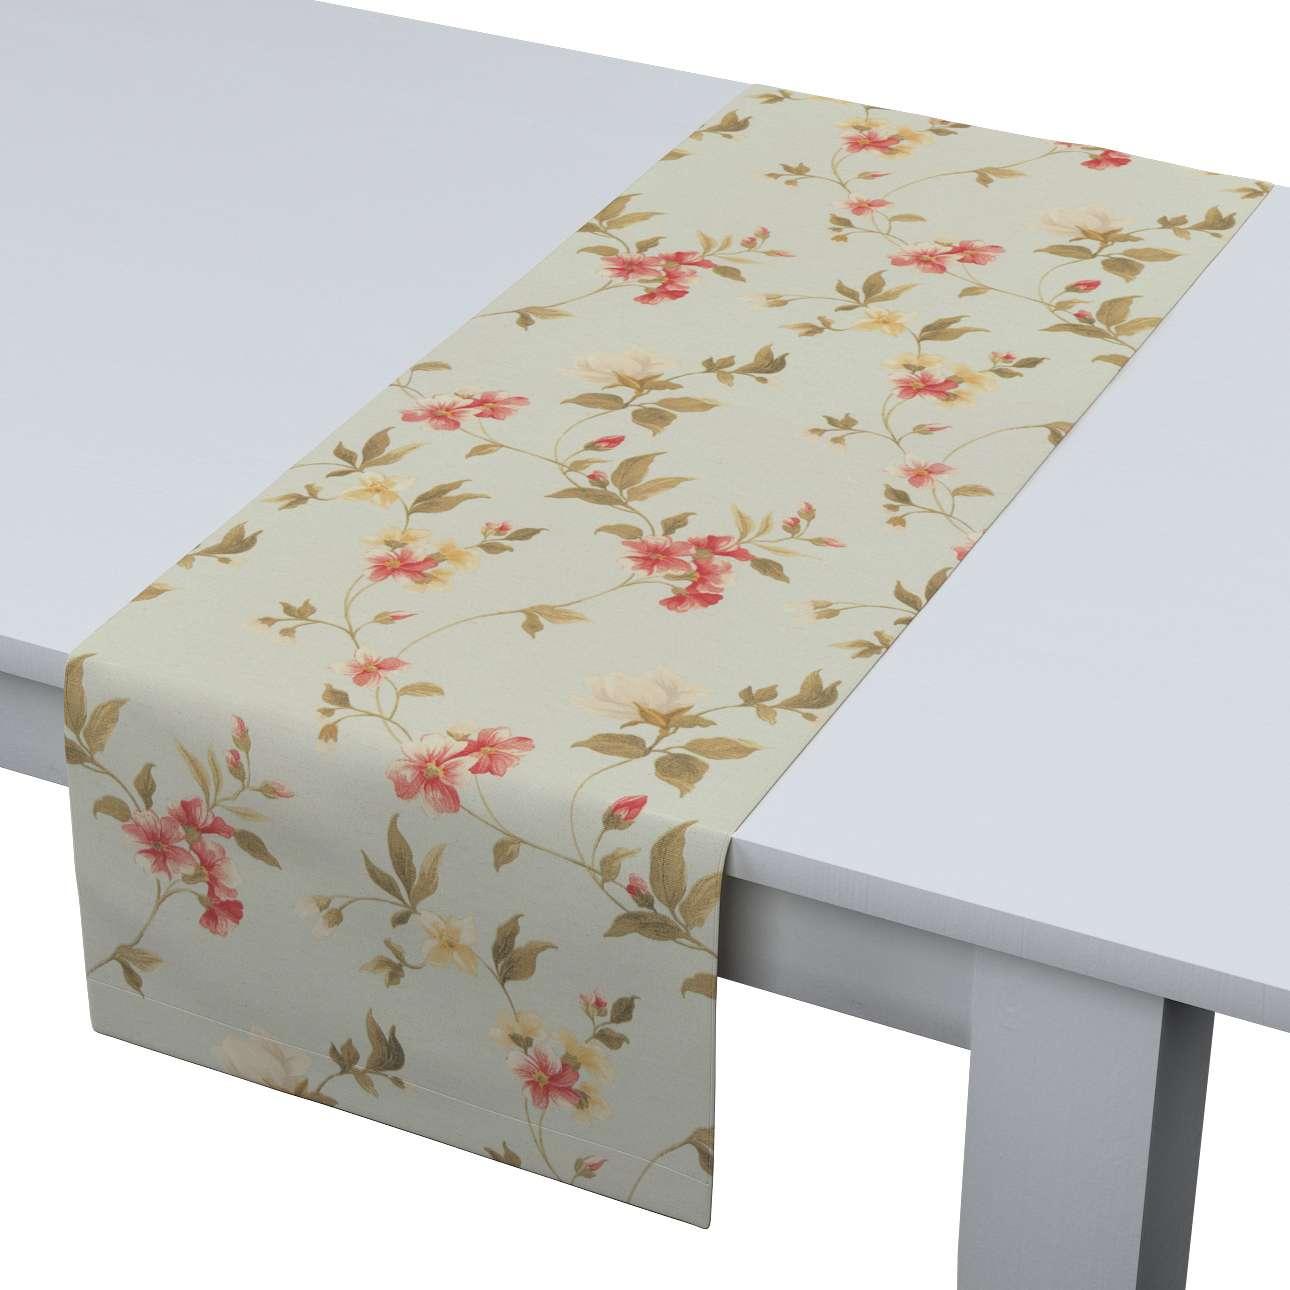 Rechteckiger Tischläufer von der Kollektion Londres, Stoff: 124-65